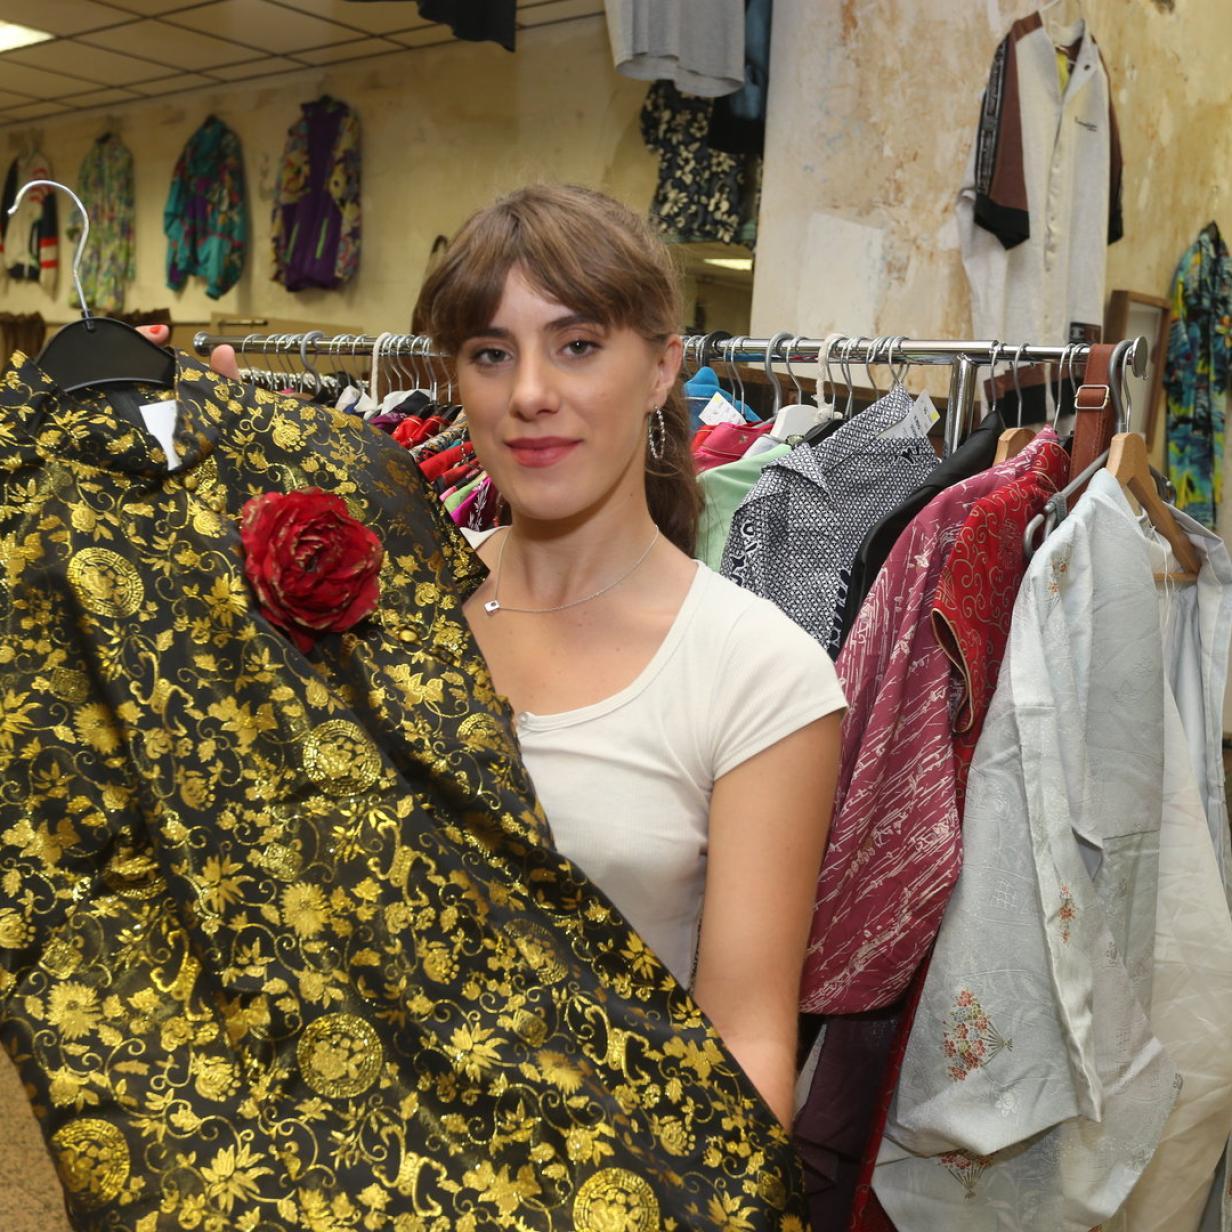 mahü: ein vintage-laden will gegengewicht zur billig-mode